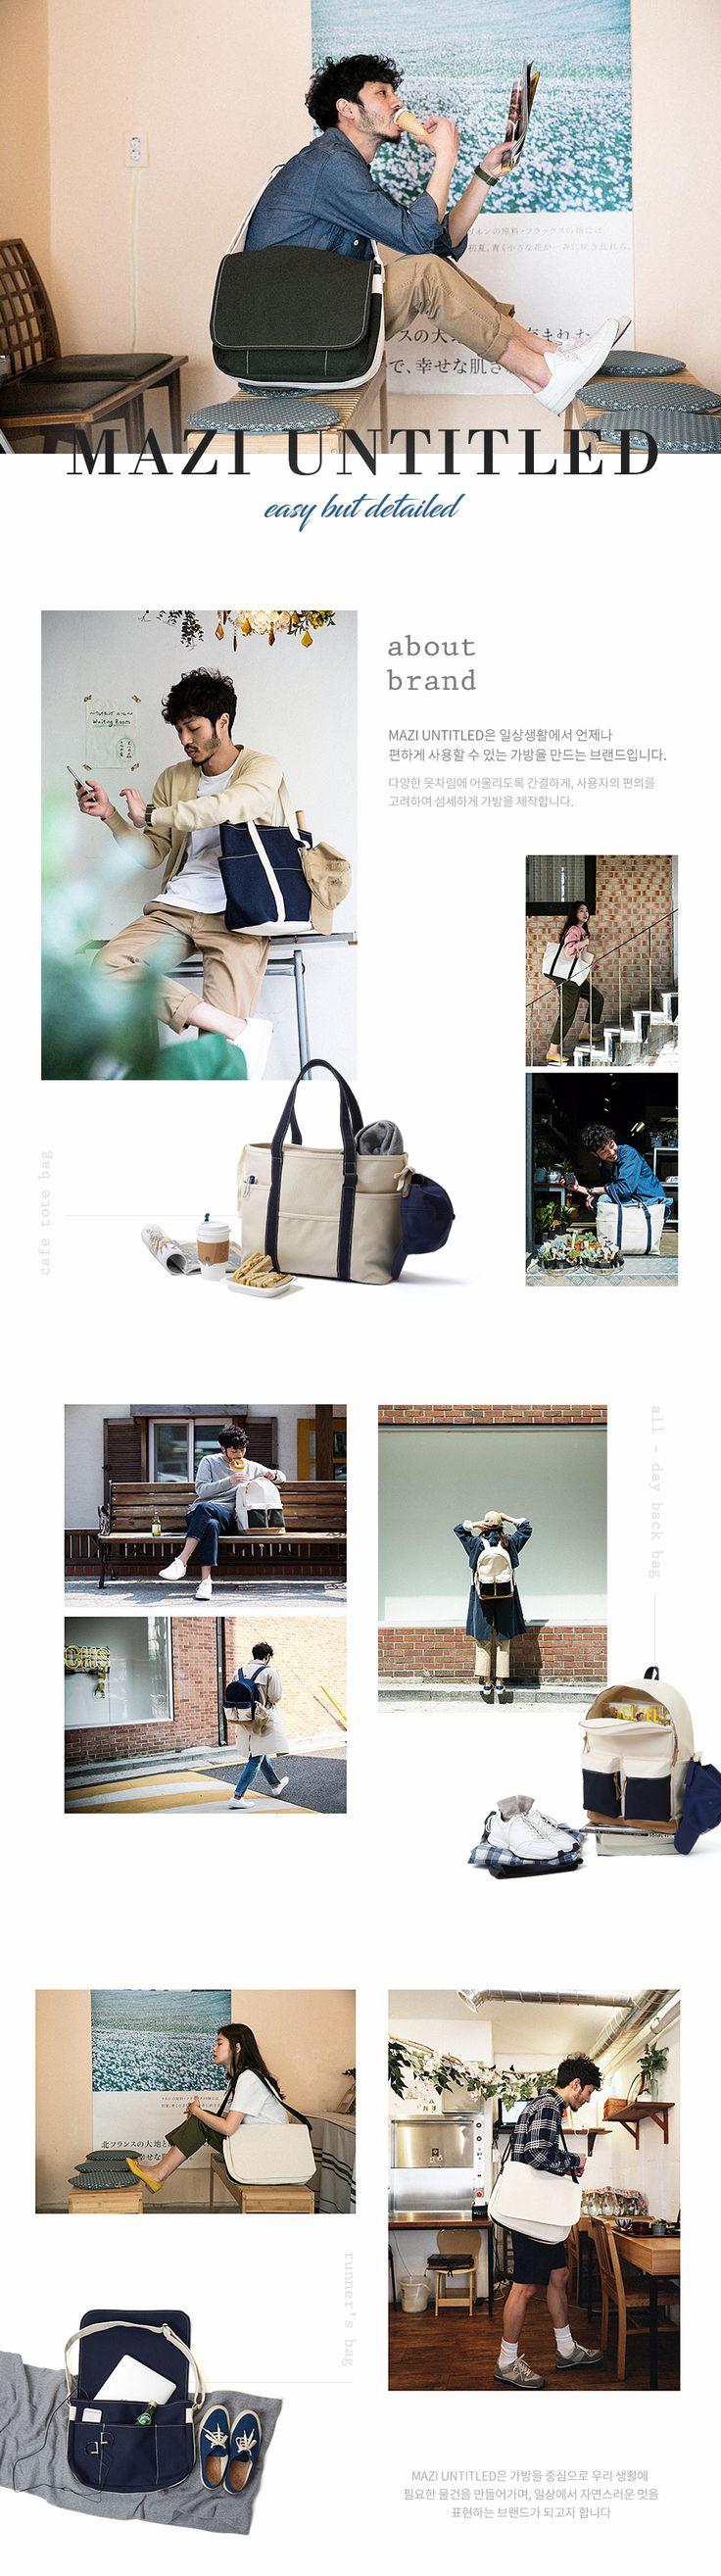 WIZWID:위즈위드 - 글로벌 쇼핑 네트워크 여성 남성 의류 소품 가방 우먼 맨 패션 백 기획전 MAZIUNTITLED 일상에서의 자연스러운 멋